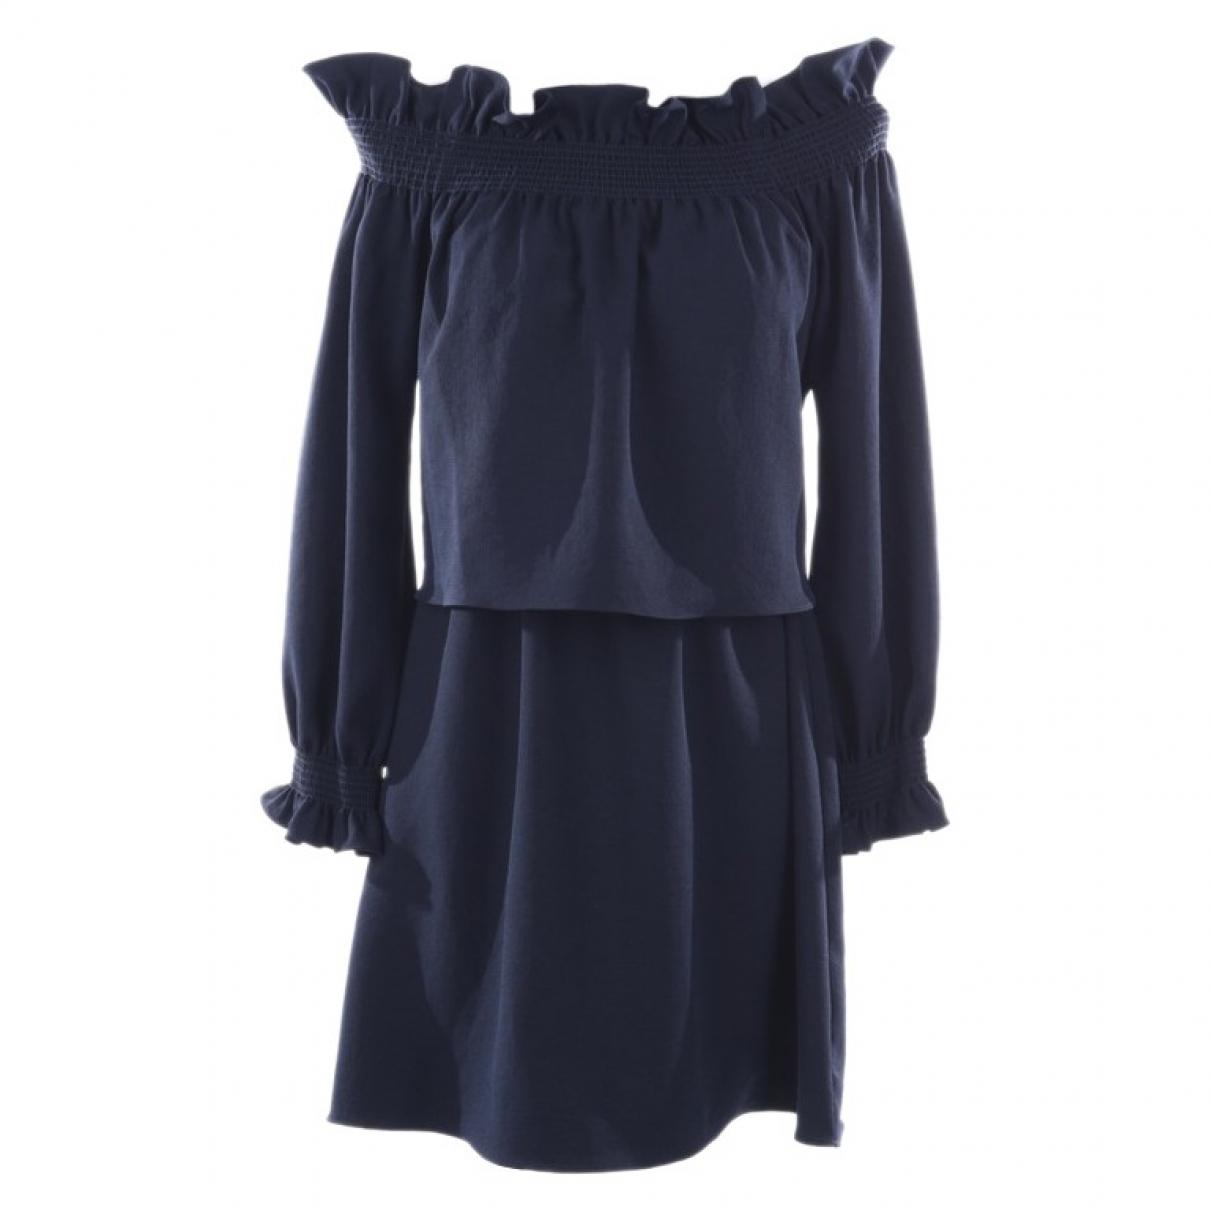 Diane Von Furstenberg \N Black dress for Women S International